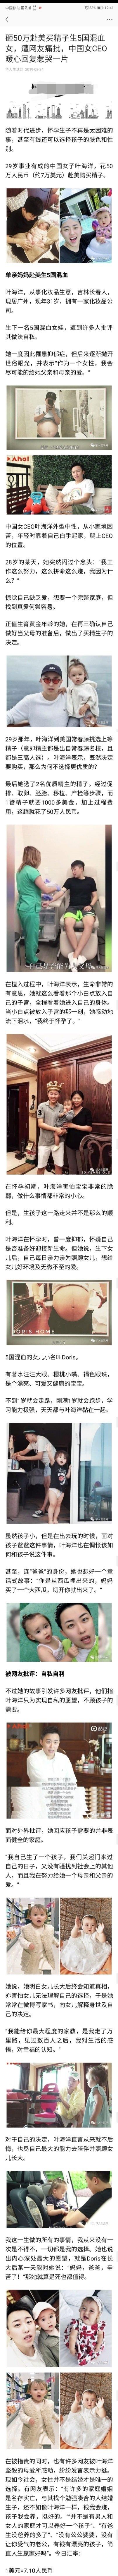 中国美女CEO砸50万赴美买精子生5国混血女,遭网友痛批